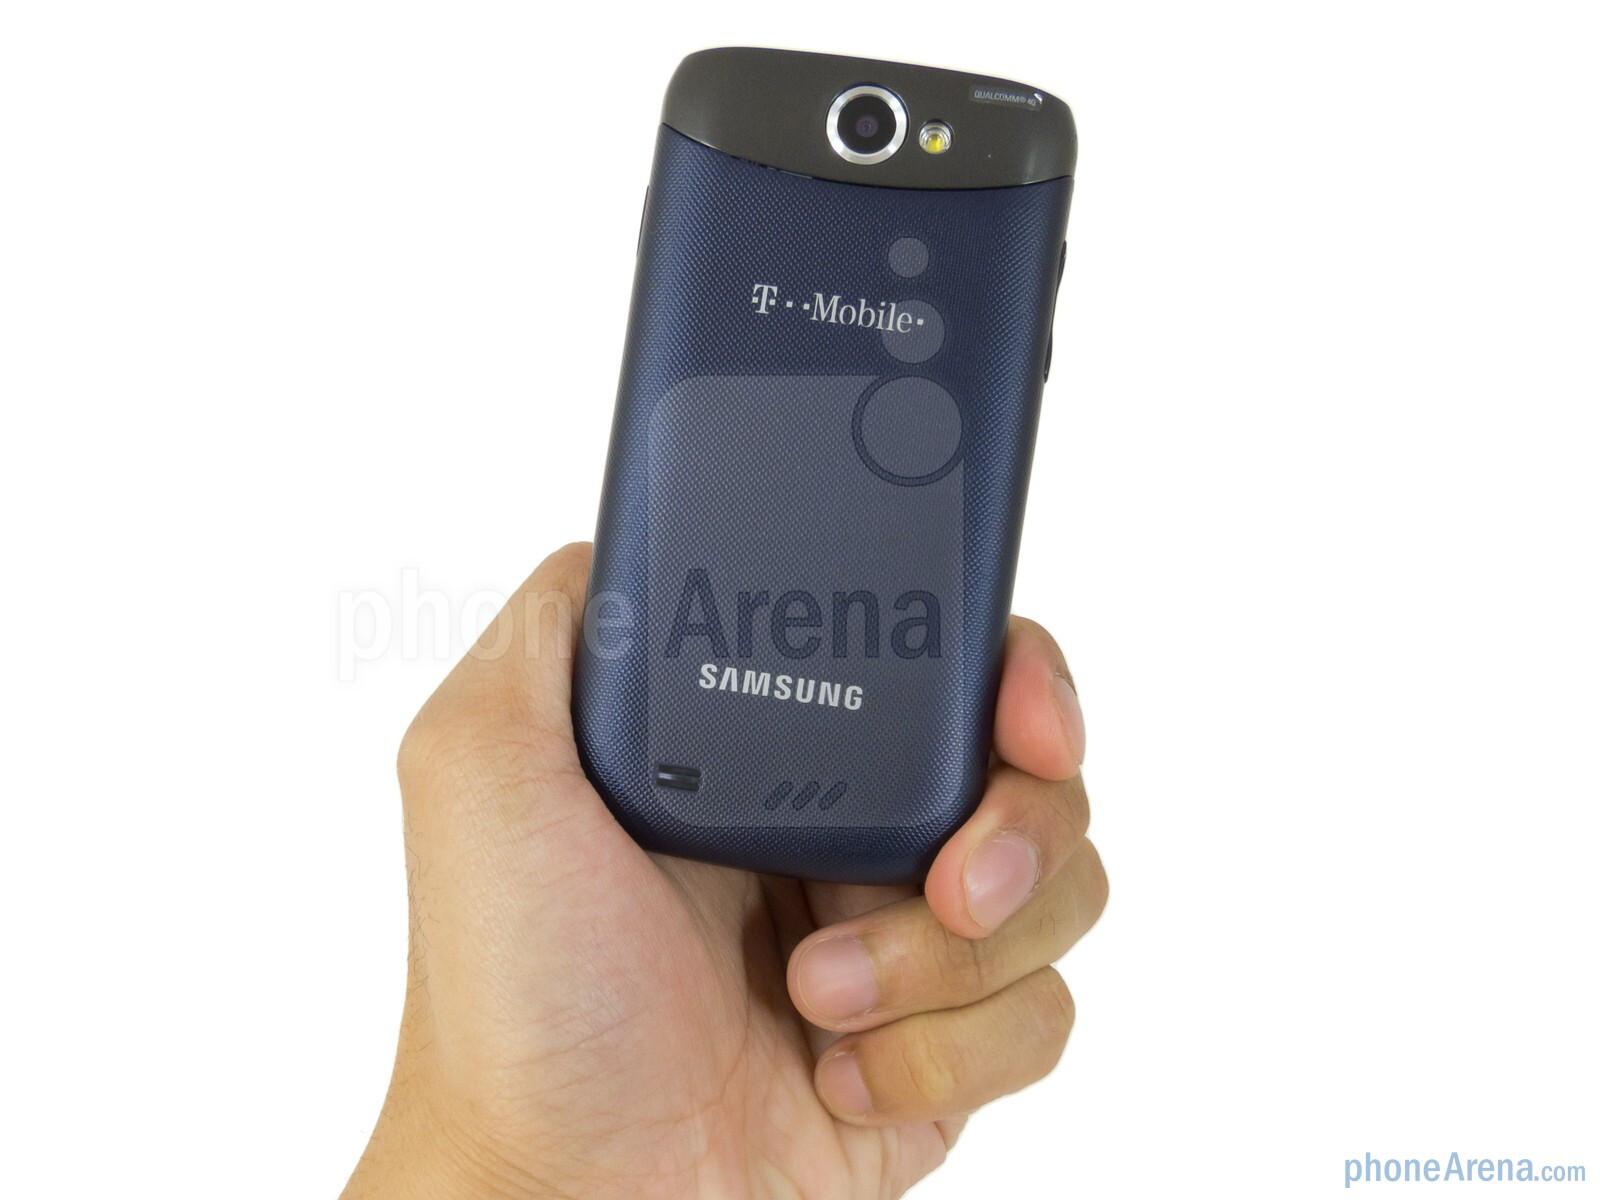 Samsung Exhibit II 4G Review - PhoneArena